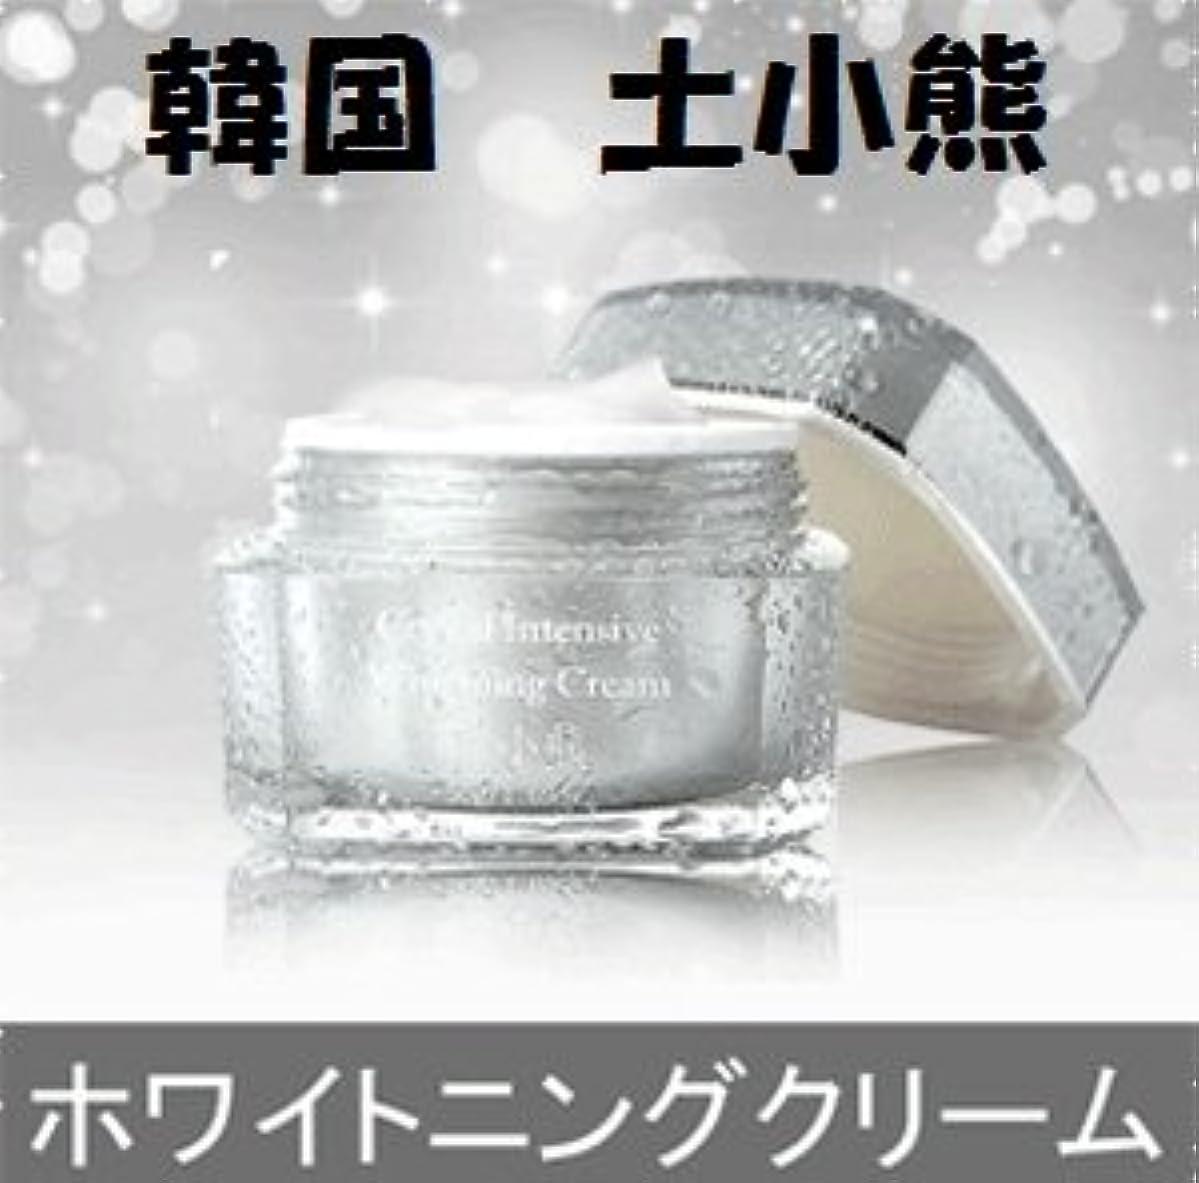 不良吸収するマーチャンダイジング韓国 土小熊 (ドソウン) ホワイトニング クリーム 50g